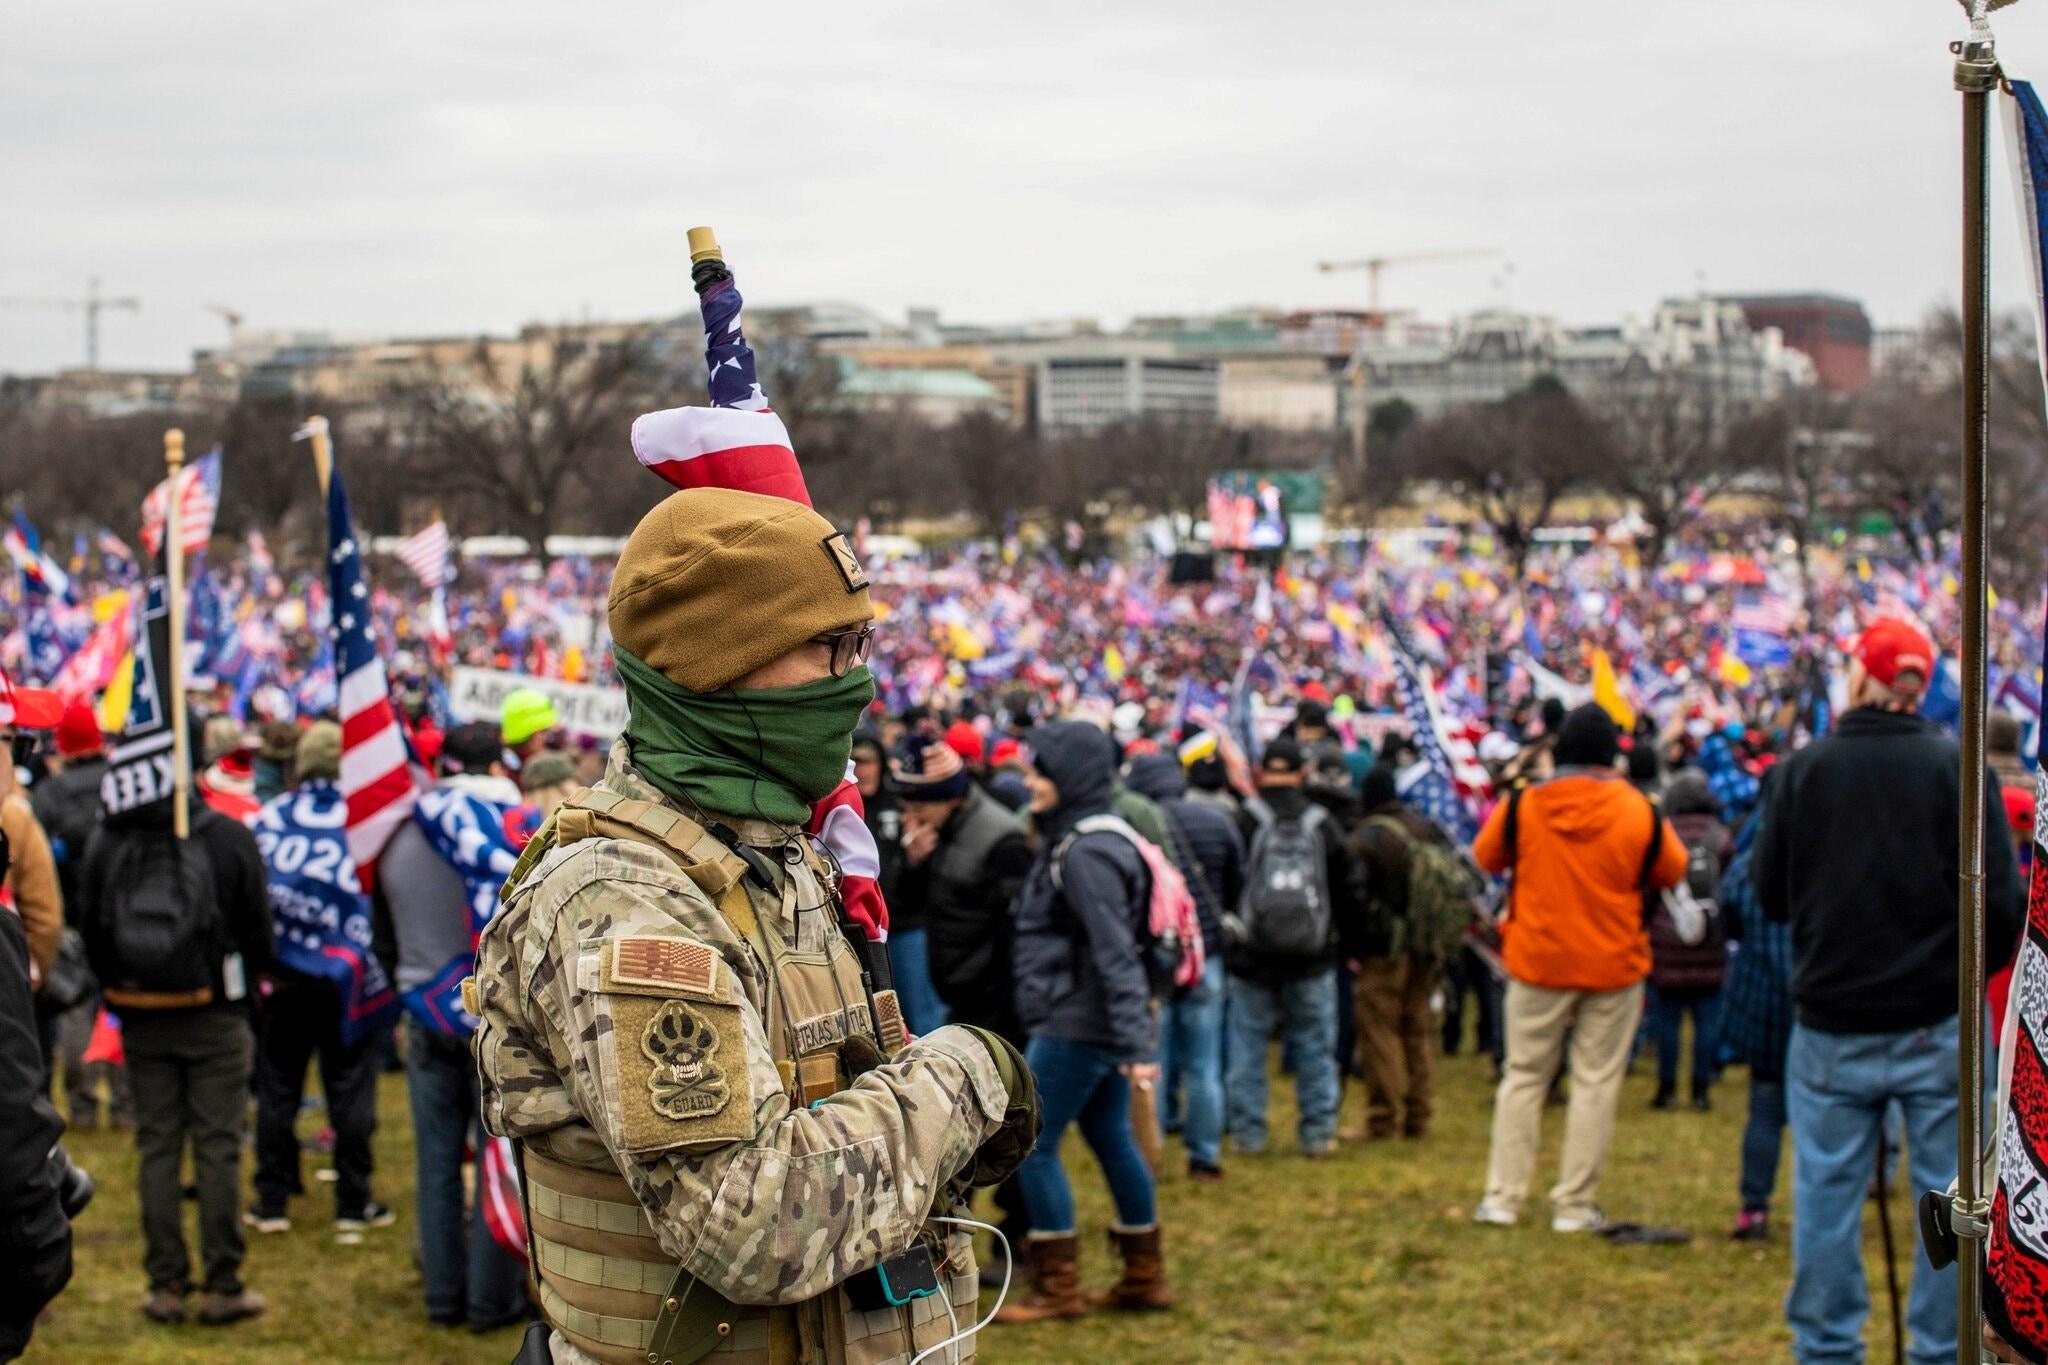 تجمع لأنصار ترامب قرب نصب واشنطن التذكاري الأسبوع الماضي - الصورة لـ